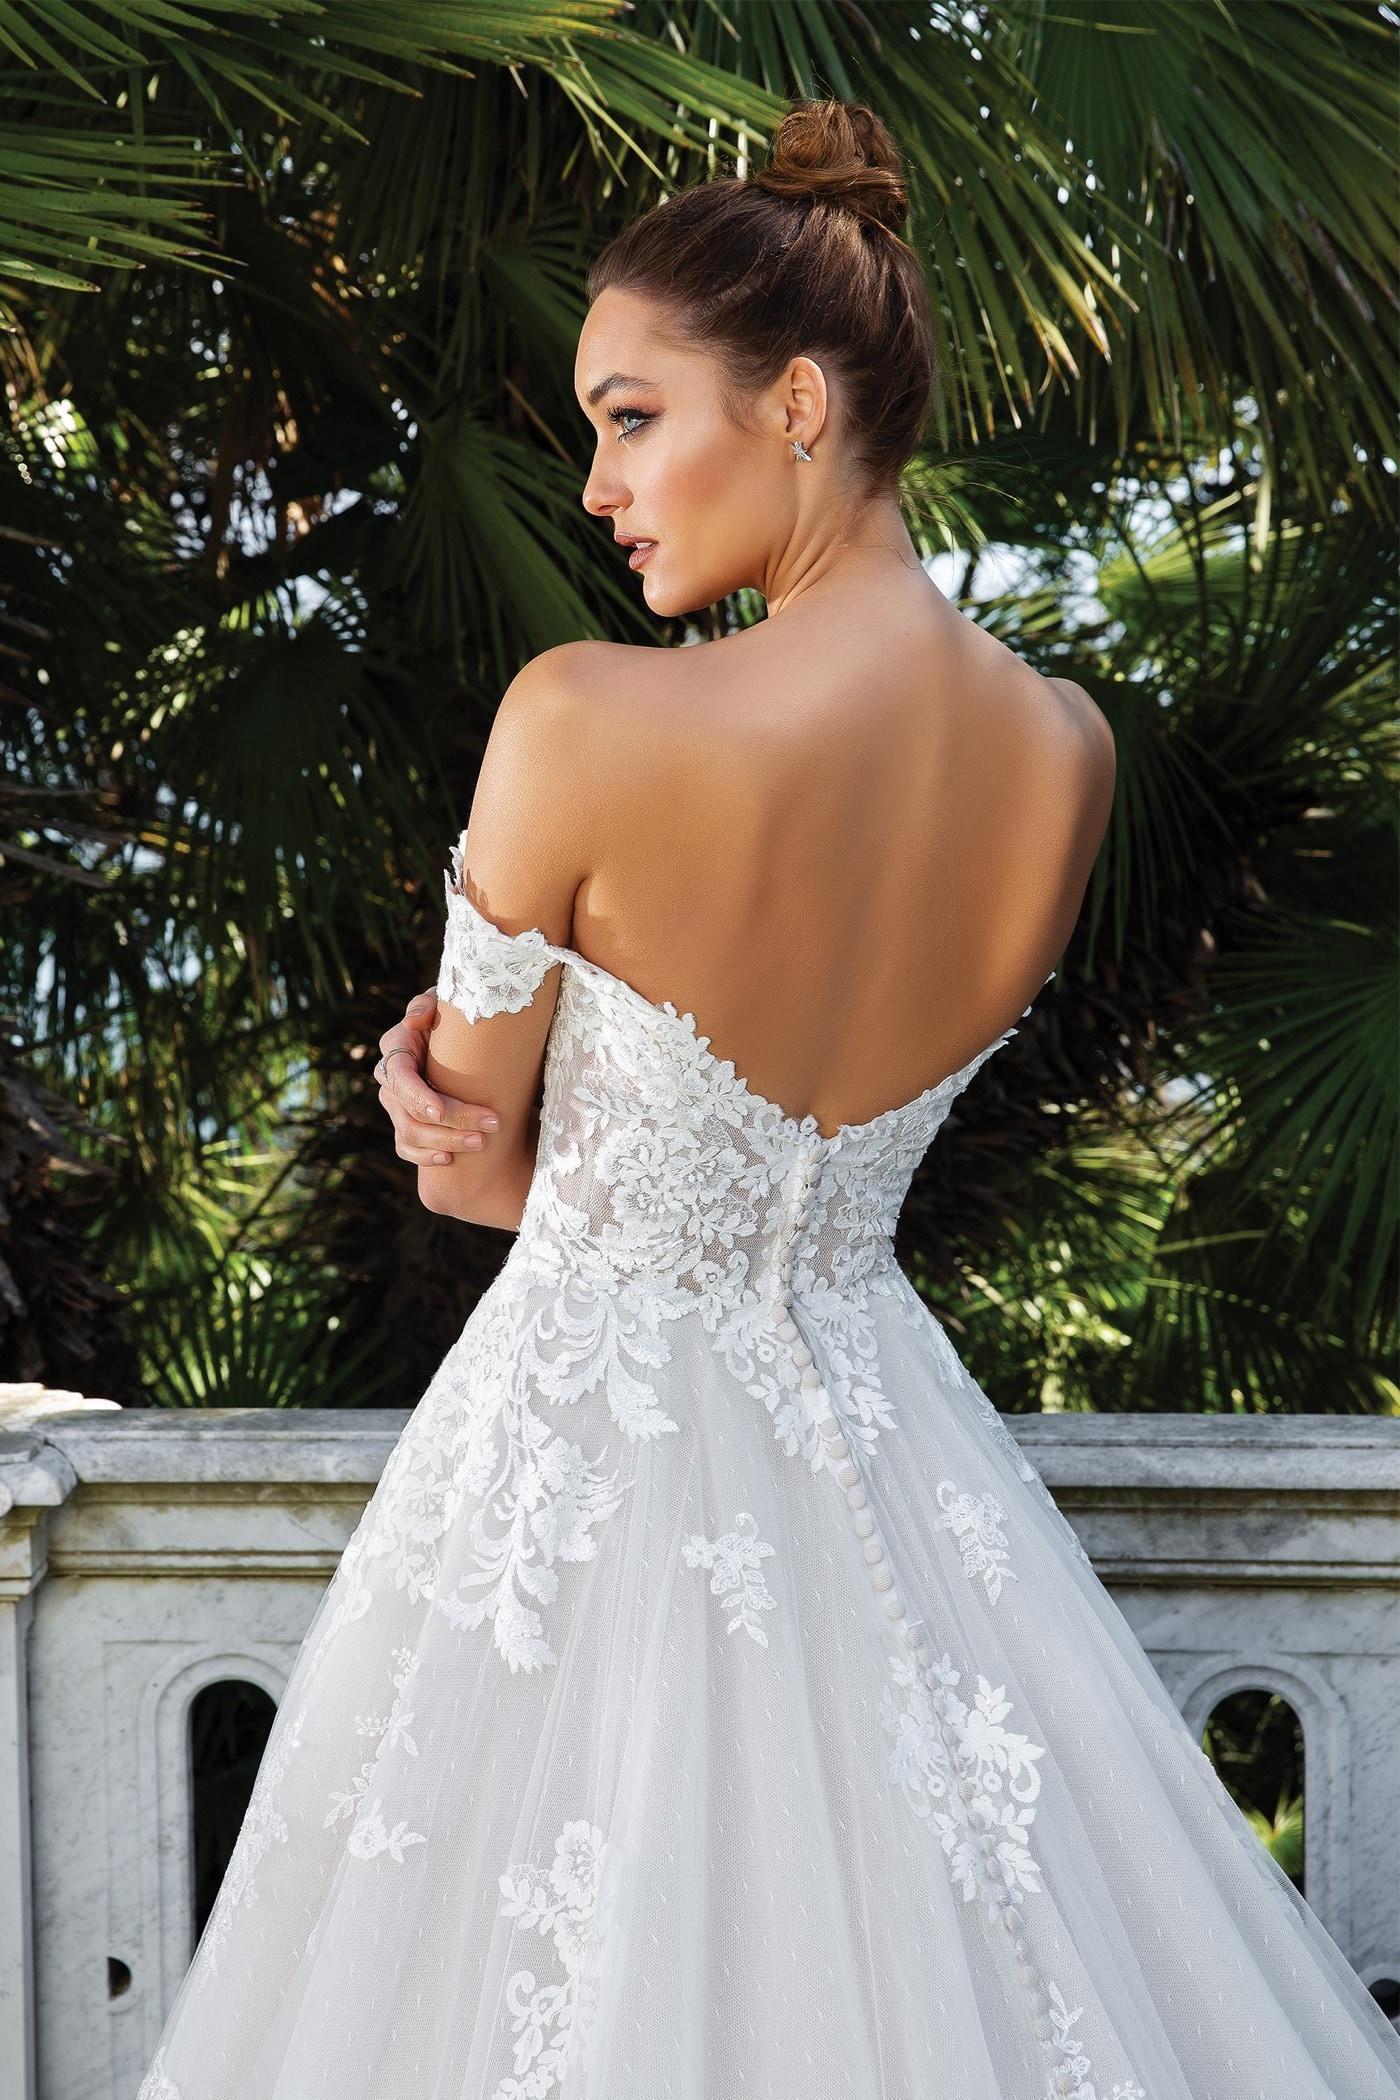 Brautkleid im Prinzessschnitt mit 3D-Spitze, Sweetheart-Ausschnitt, Offshoulder-Trägern, tiefem Rücken und Schleppe von Justin Alexander, Modell 88122